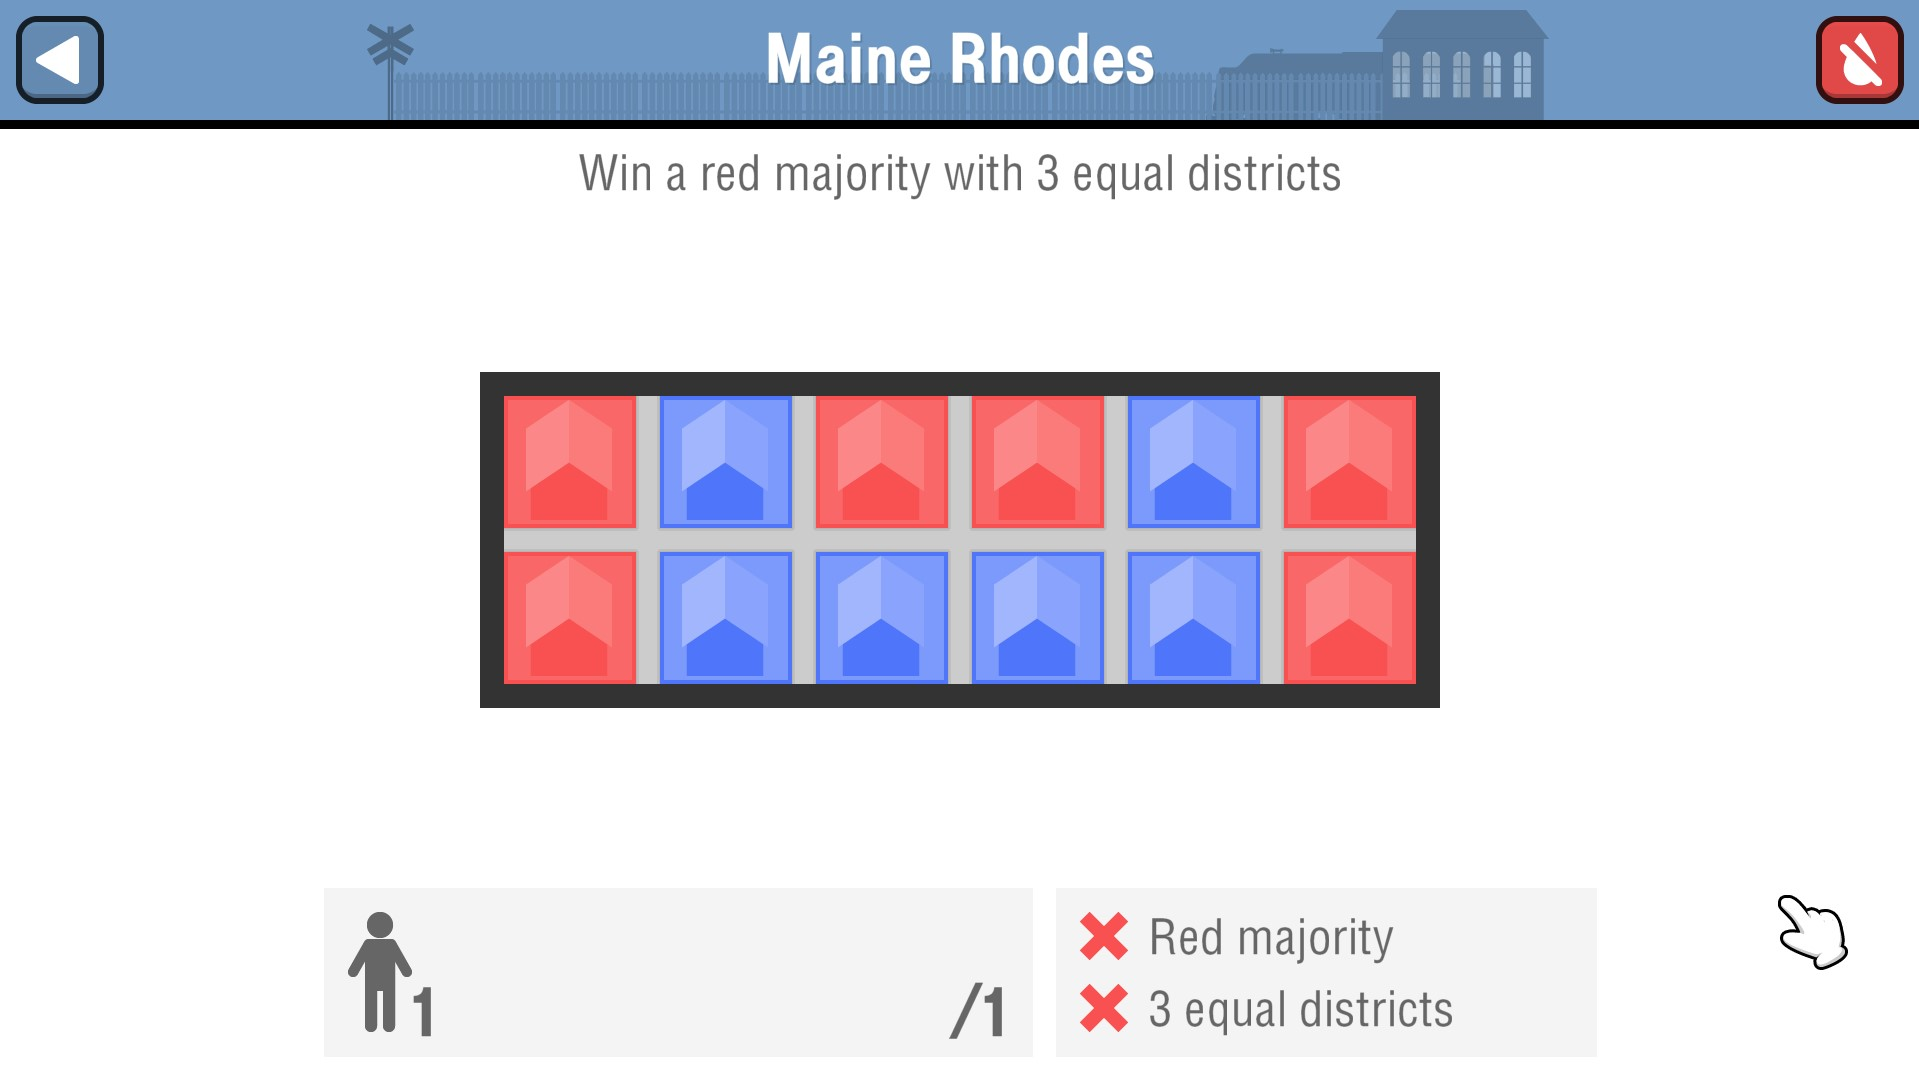 Maine Rhodes